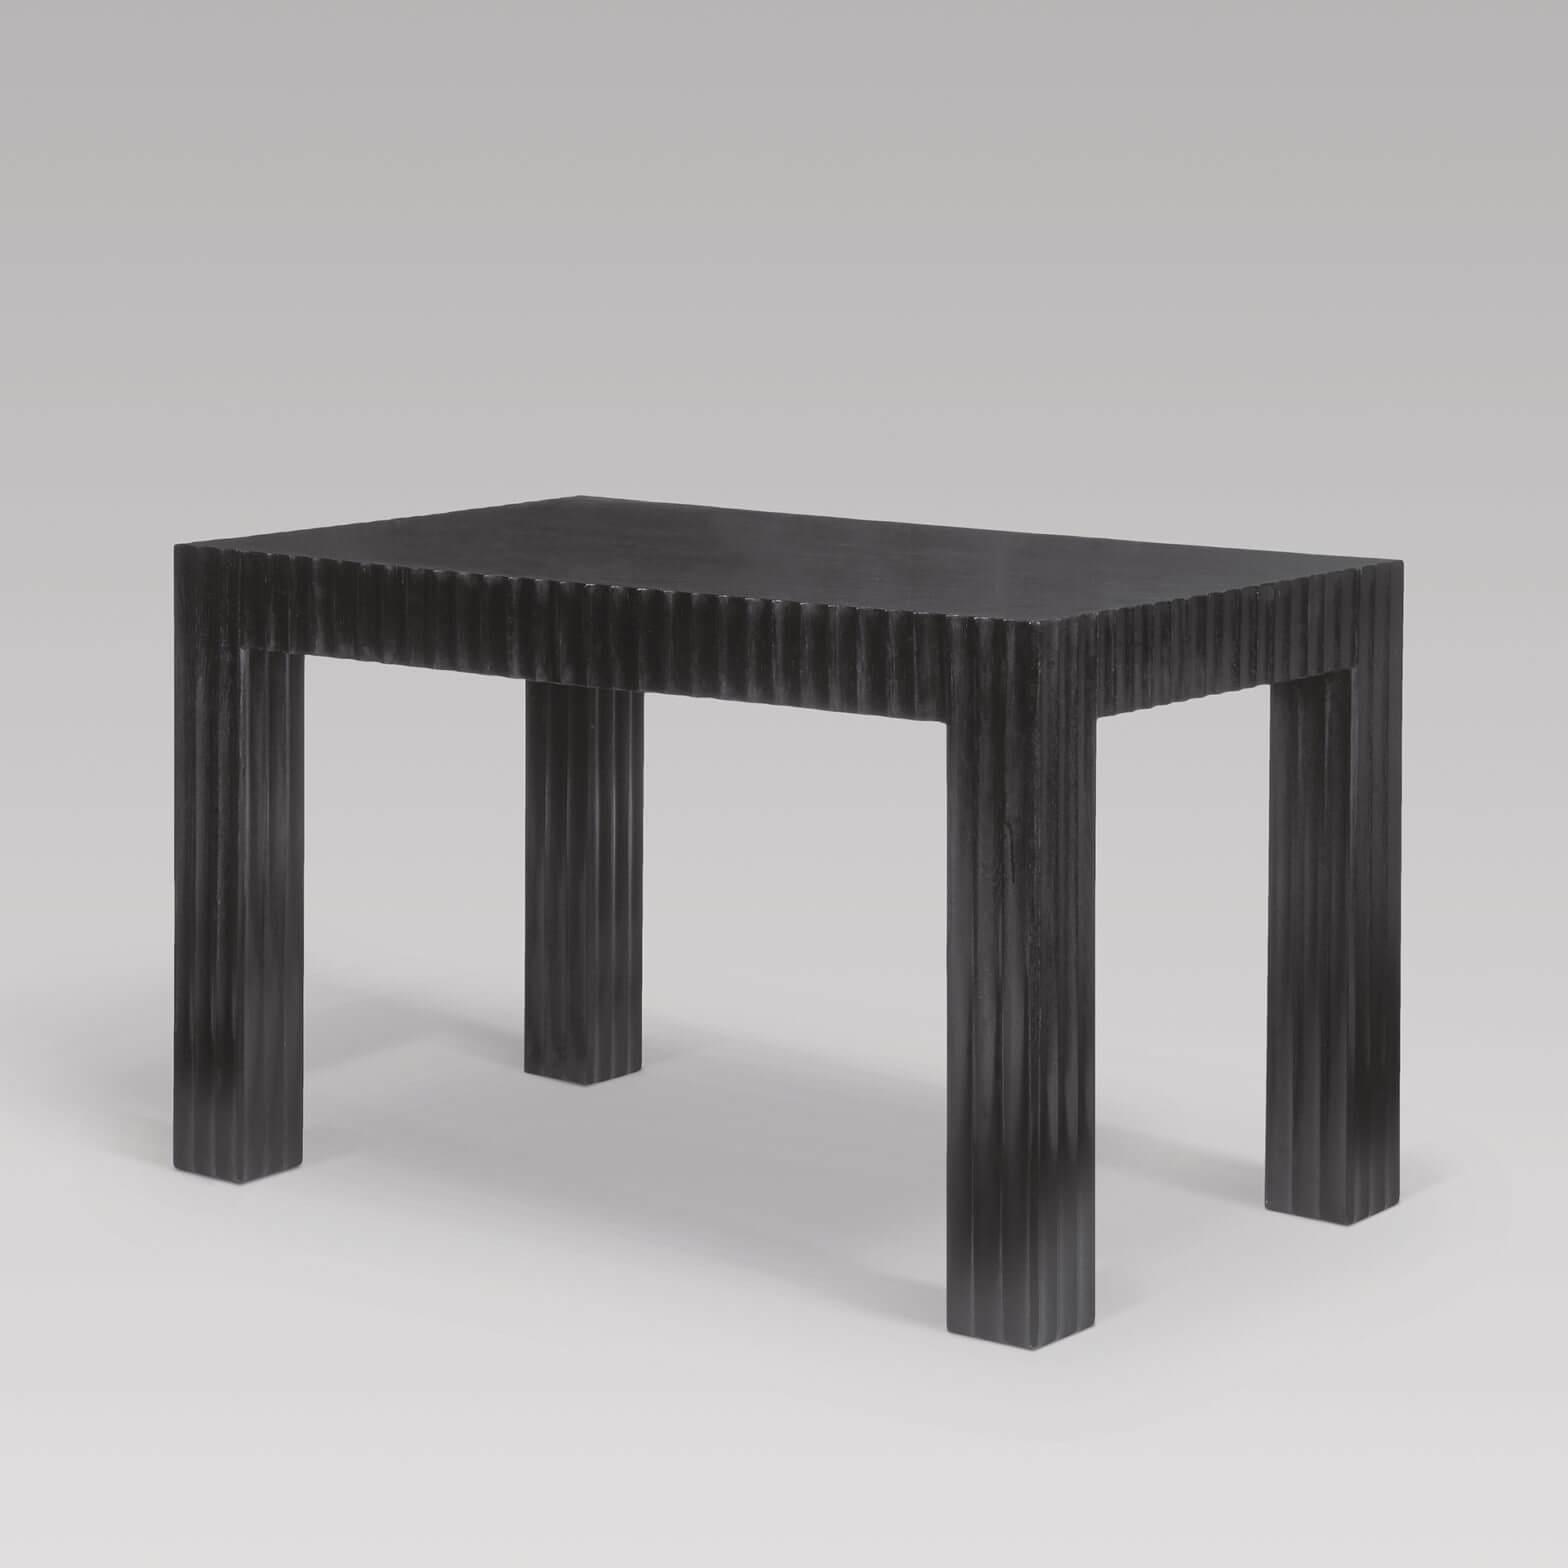 Josef Hoffmann - Table for the Internationale Ausstellung Für Buchgewerbe und Graphik (Bugra), Leipzig